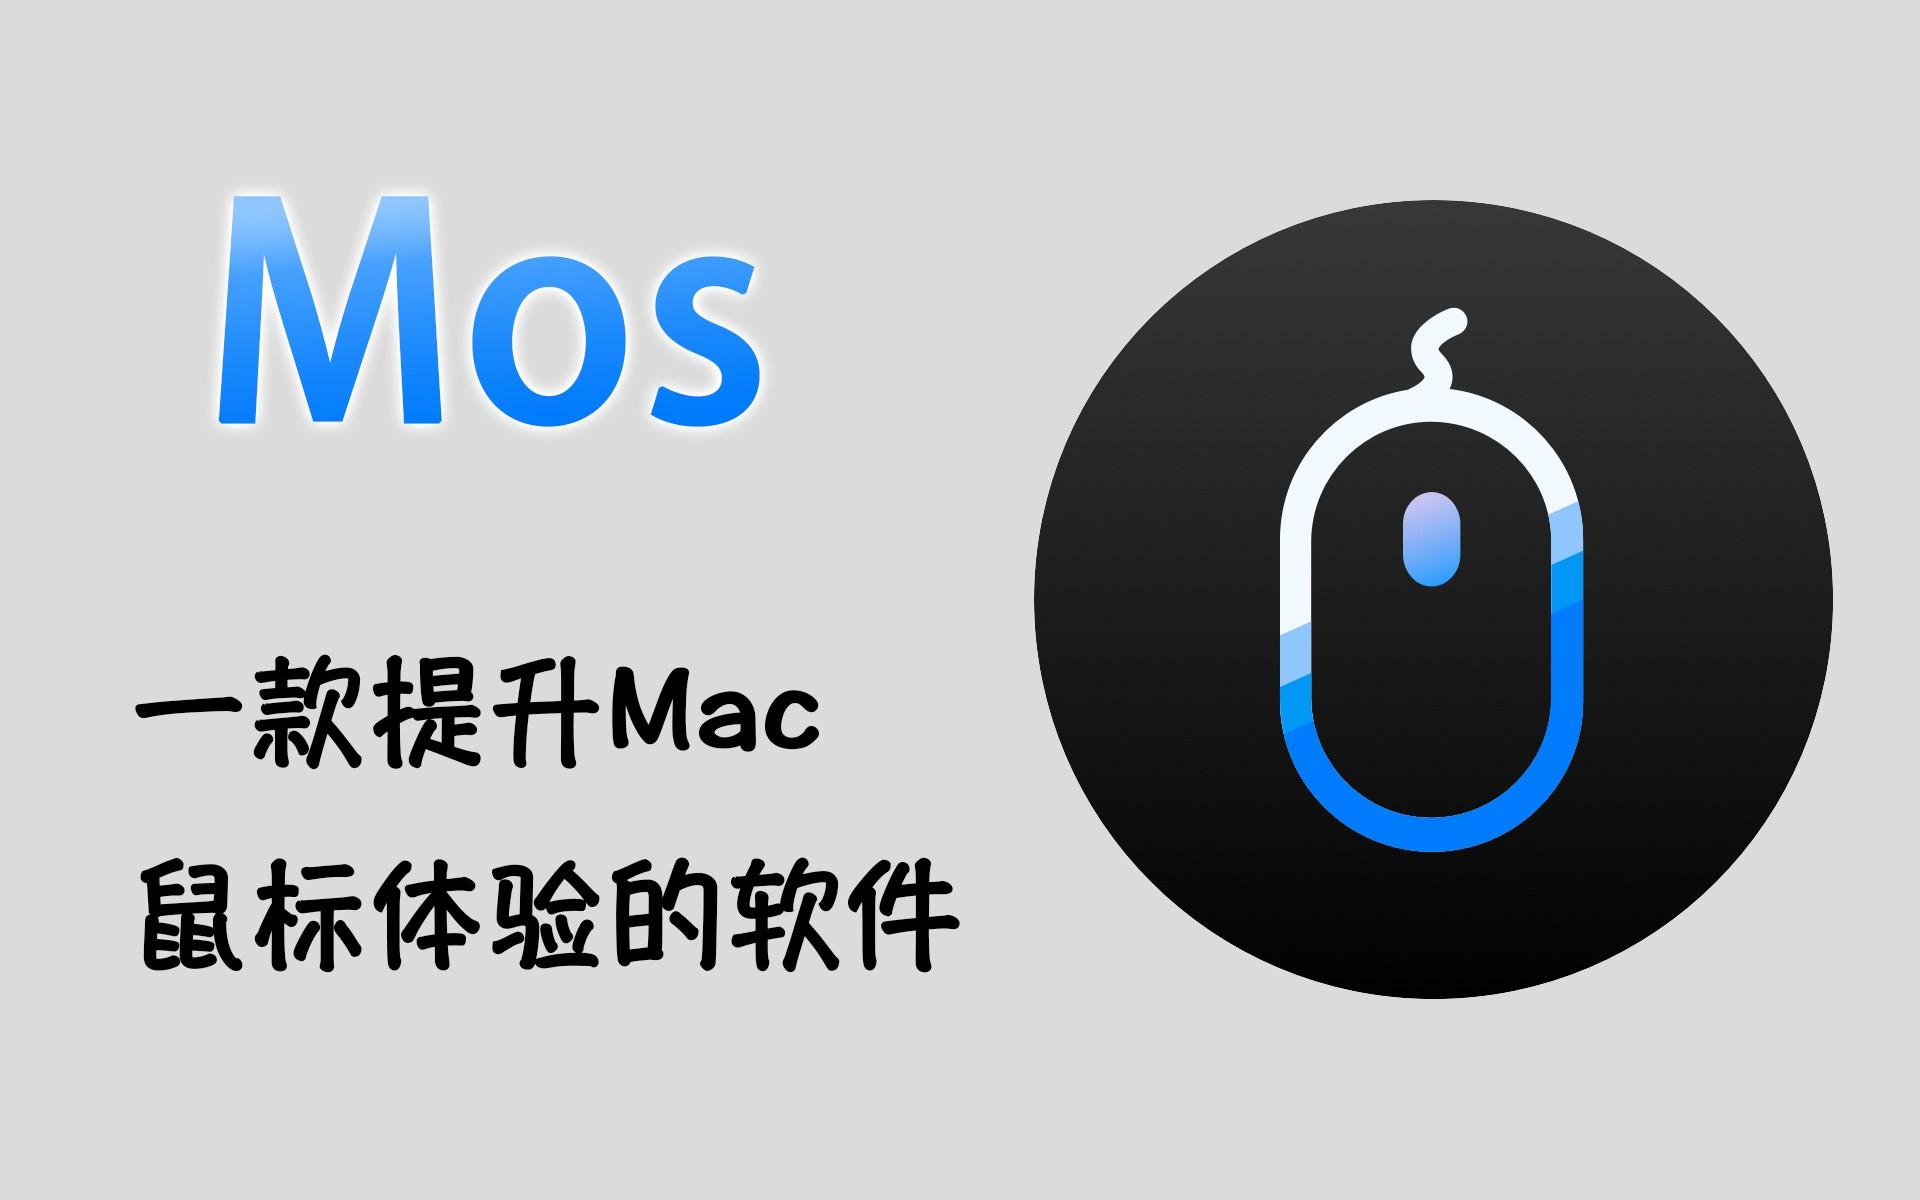 MOS-一款Mac上的鼠标使用体验优化软件